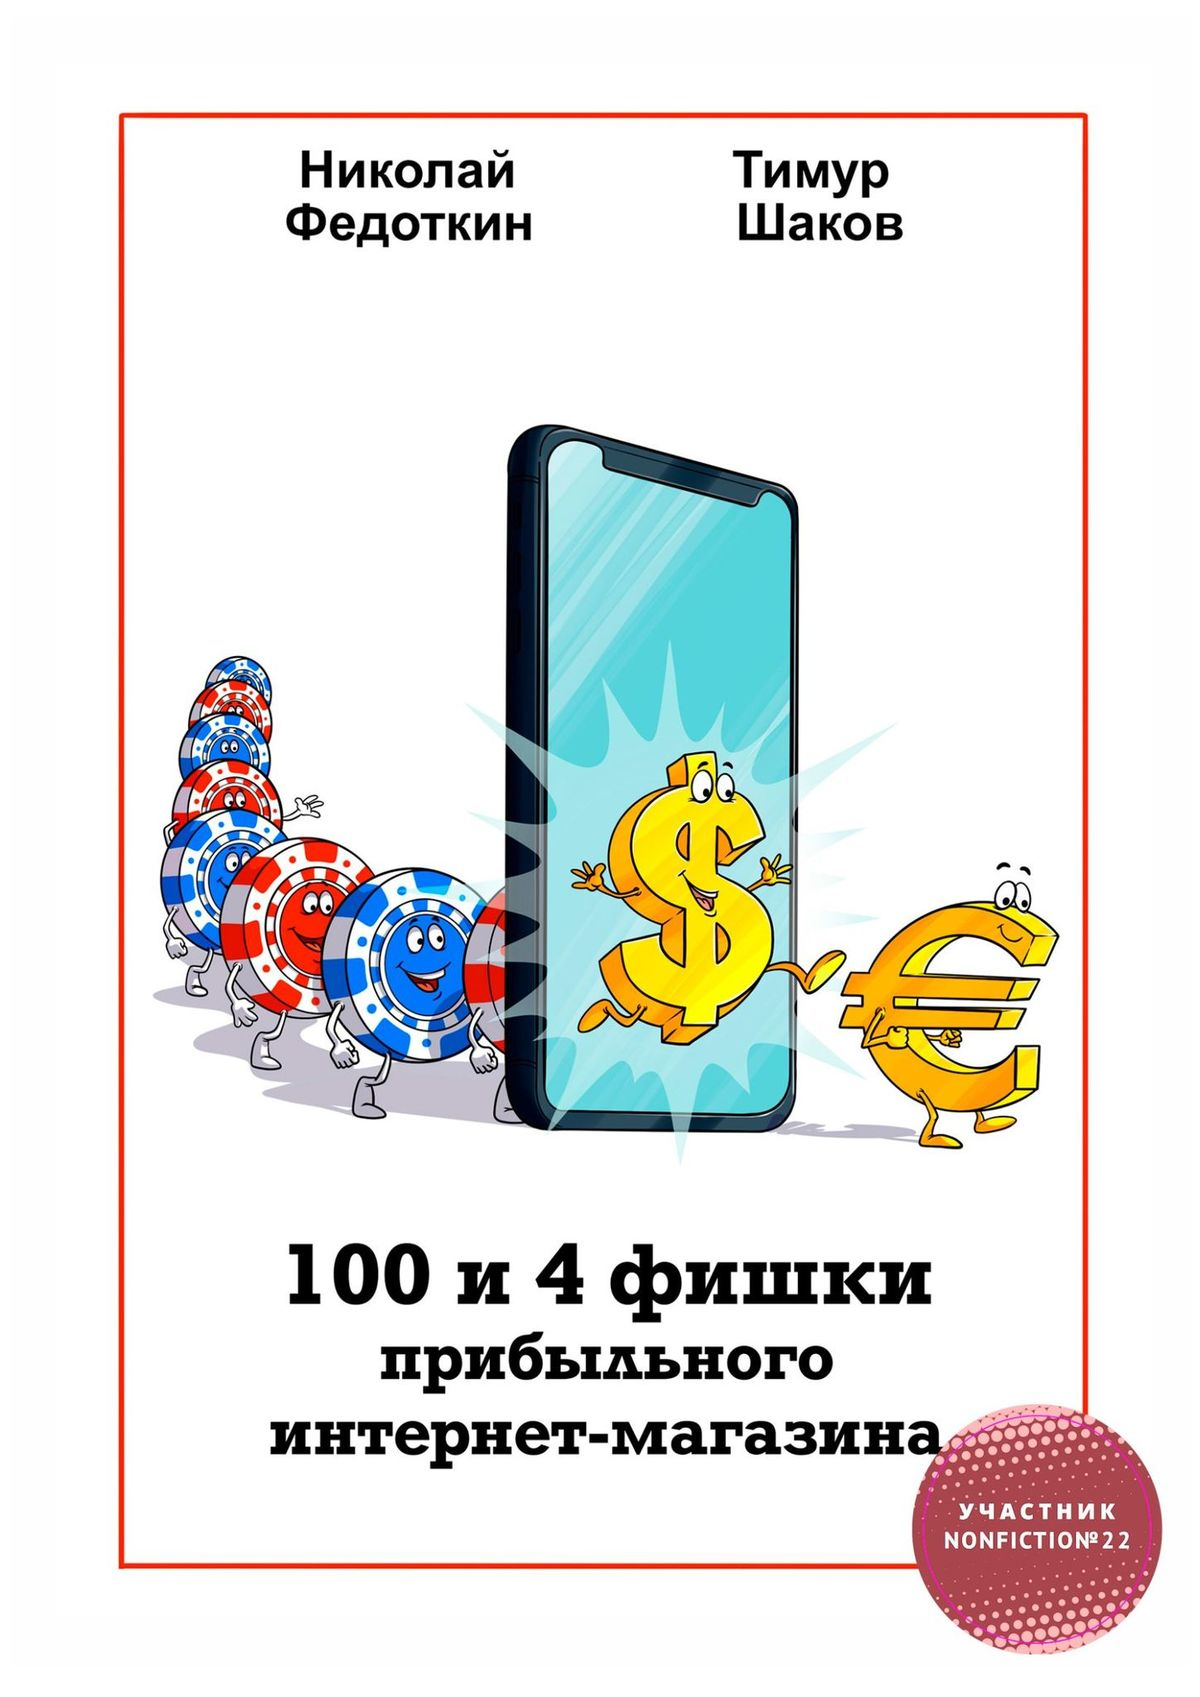 Николай Федоткин 100и4фишки прибыльного интернет-магазина